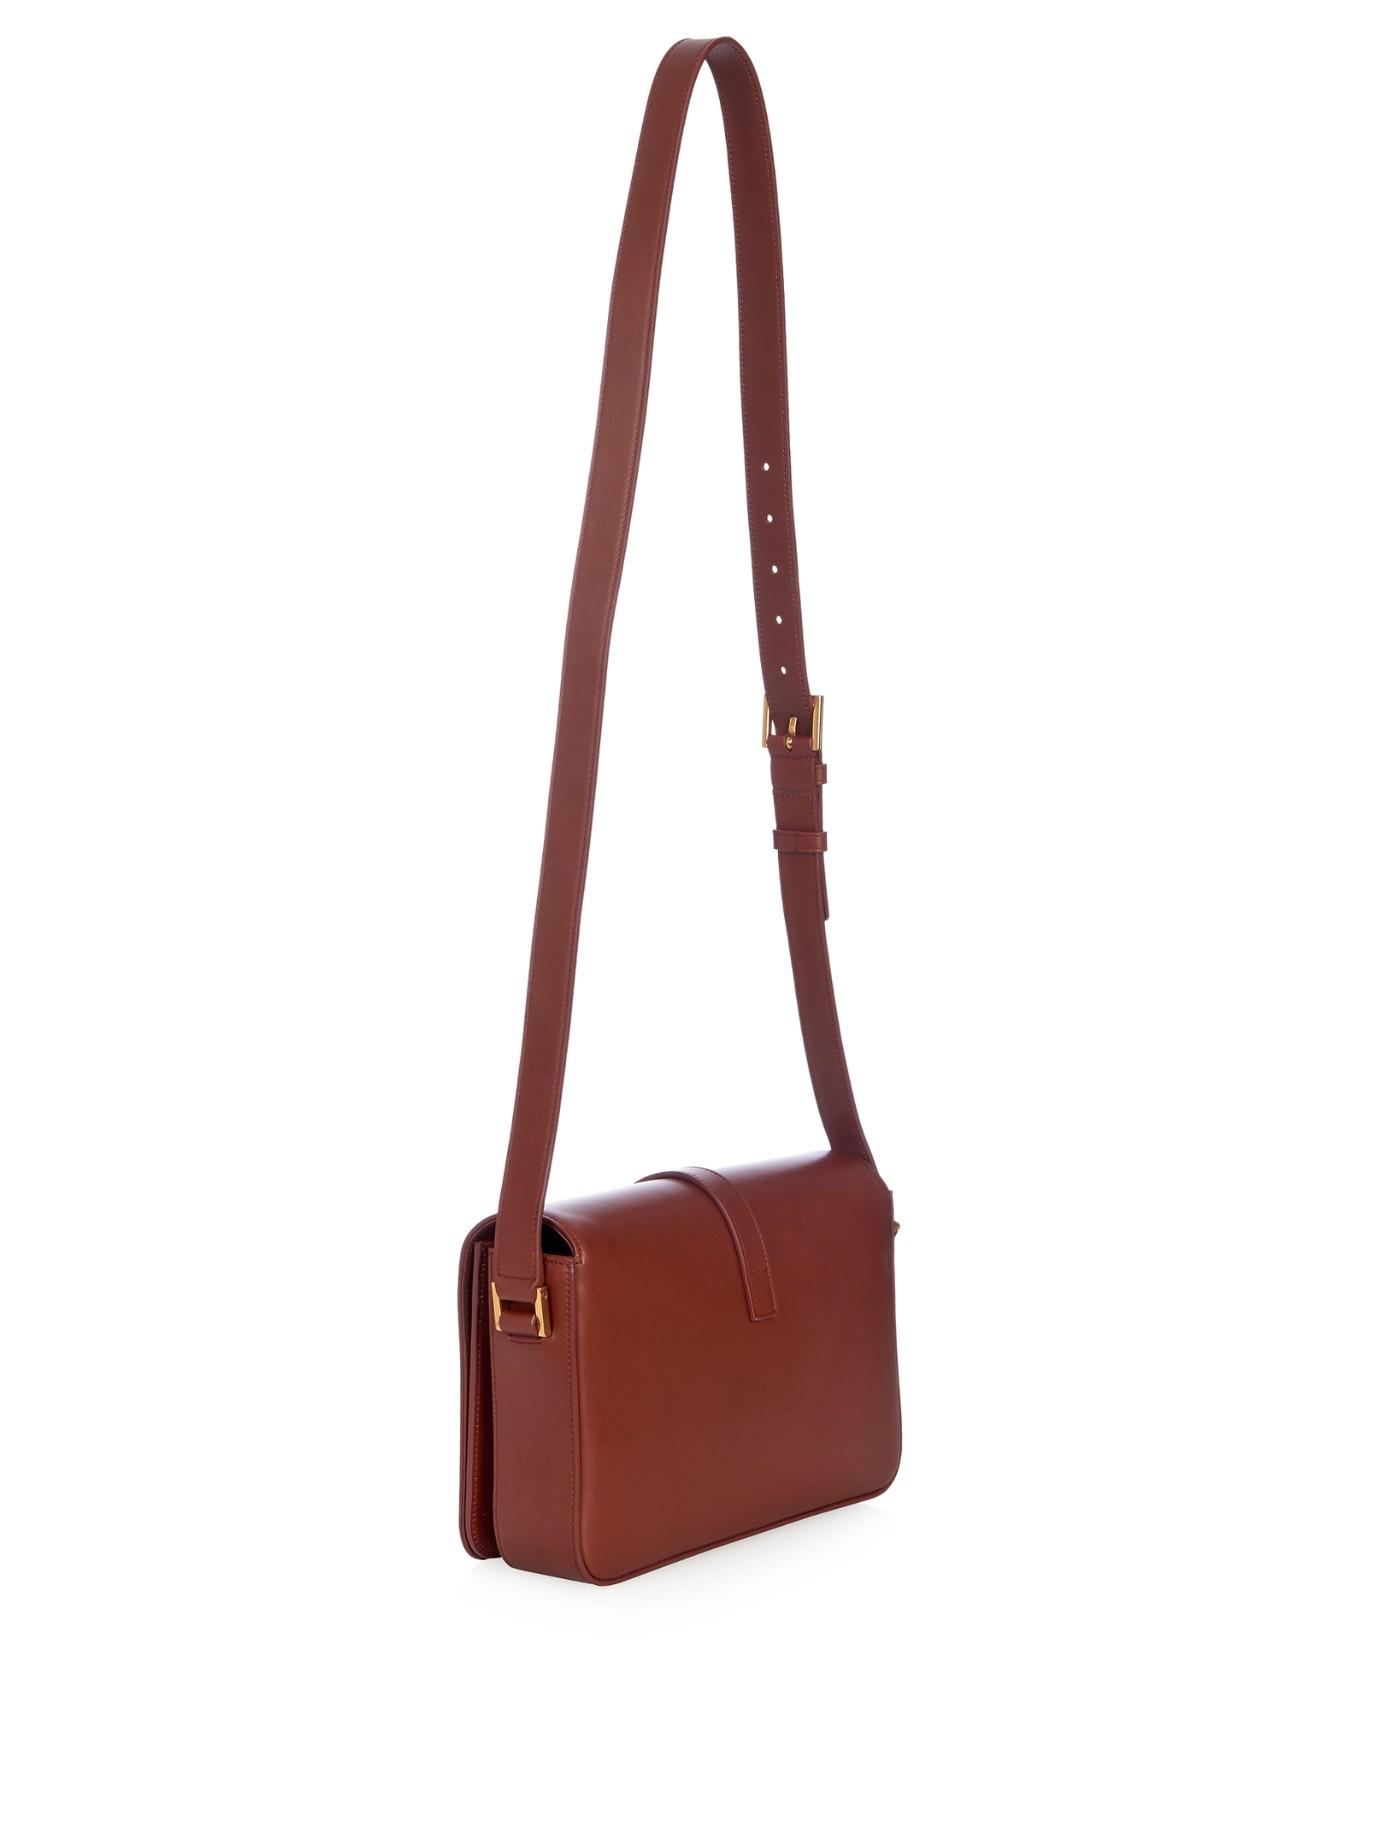 3a005c011879 Lyst - Saint Laurent Université Medium Leather Cross-body Bag in Brown